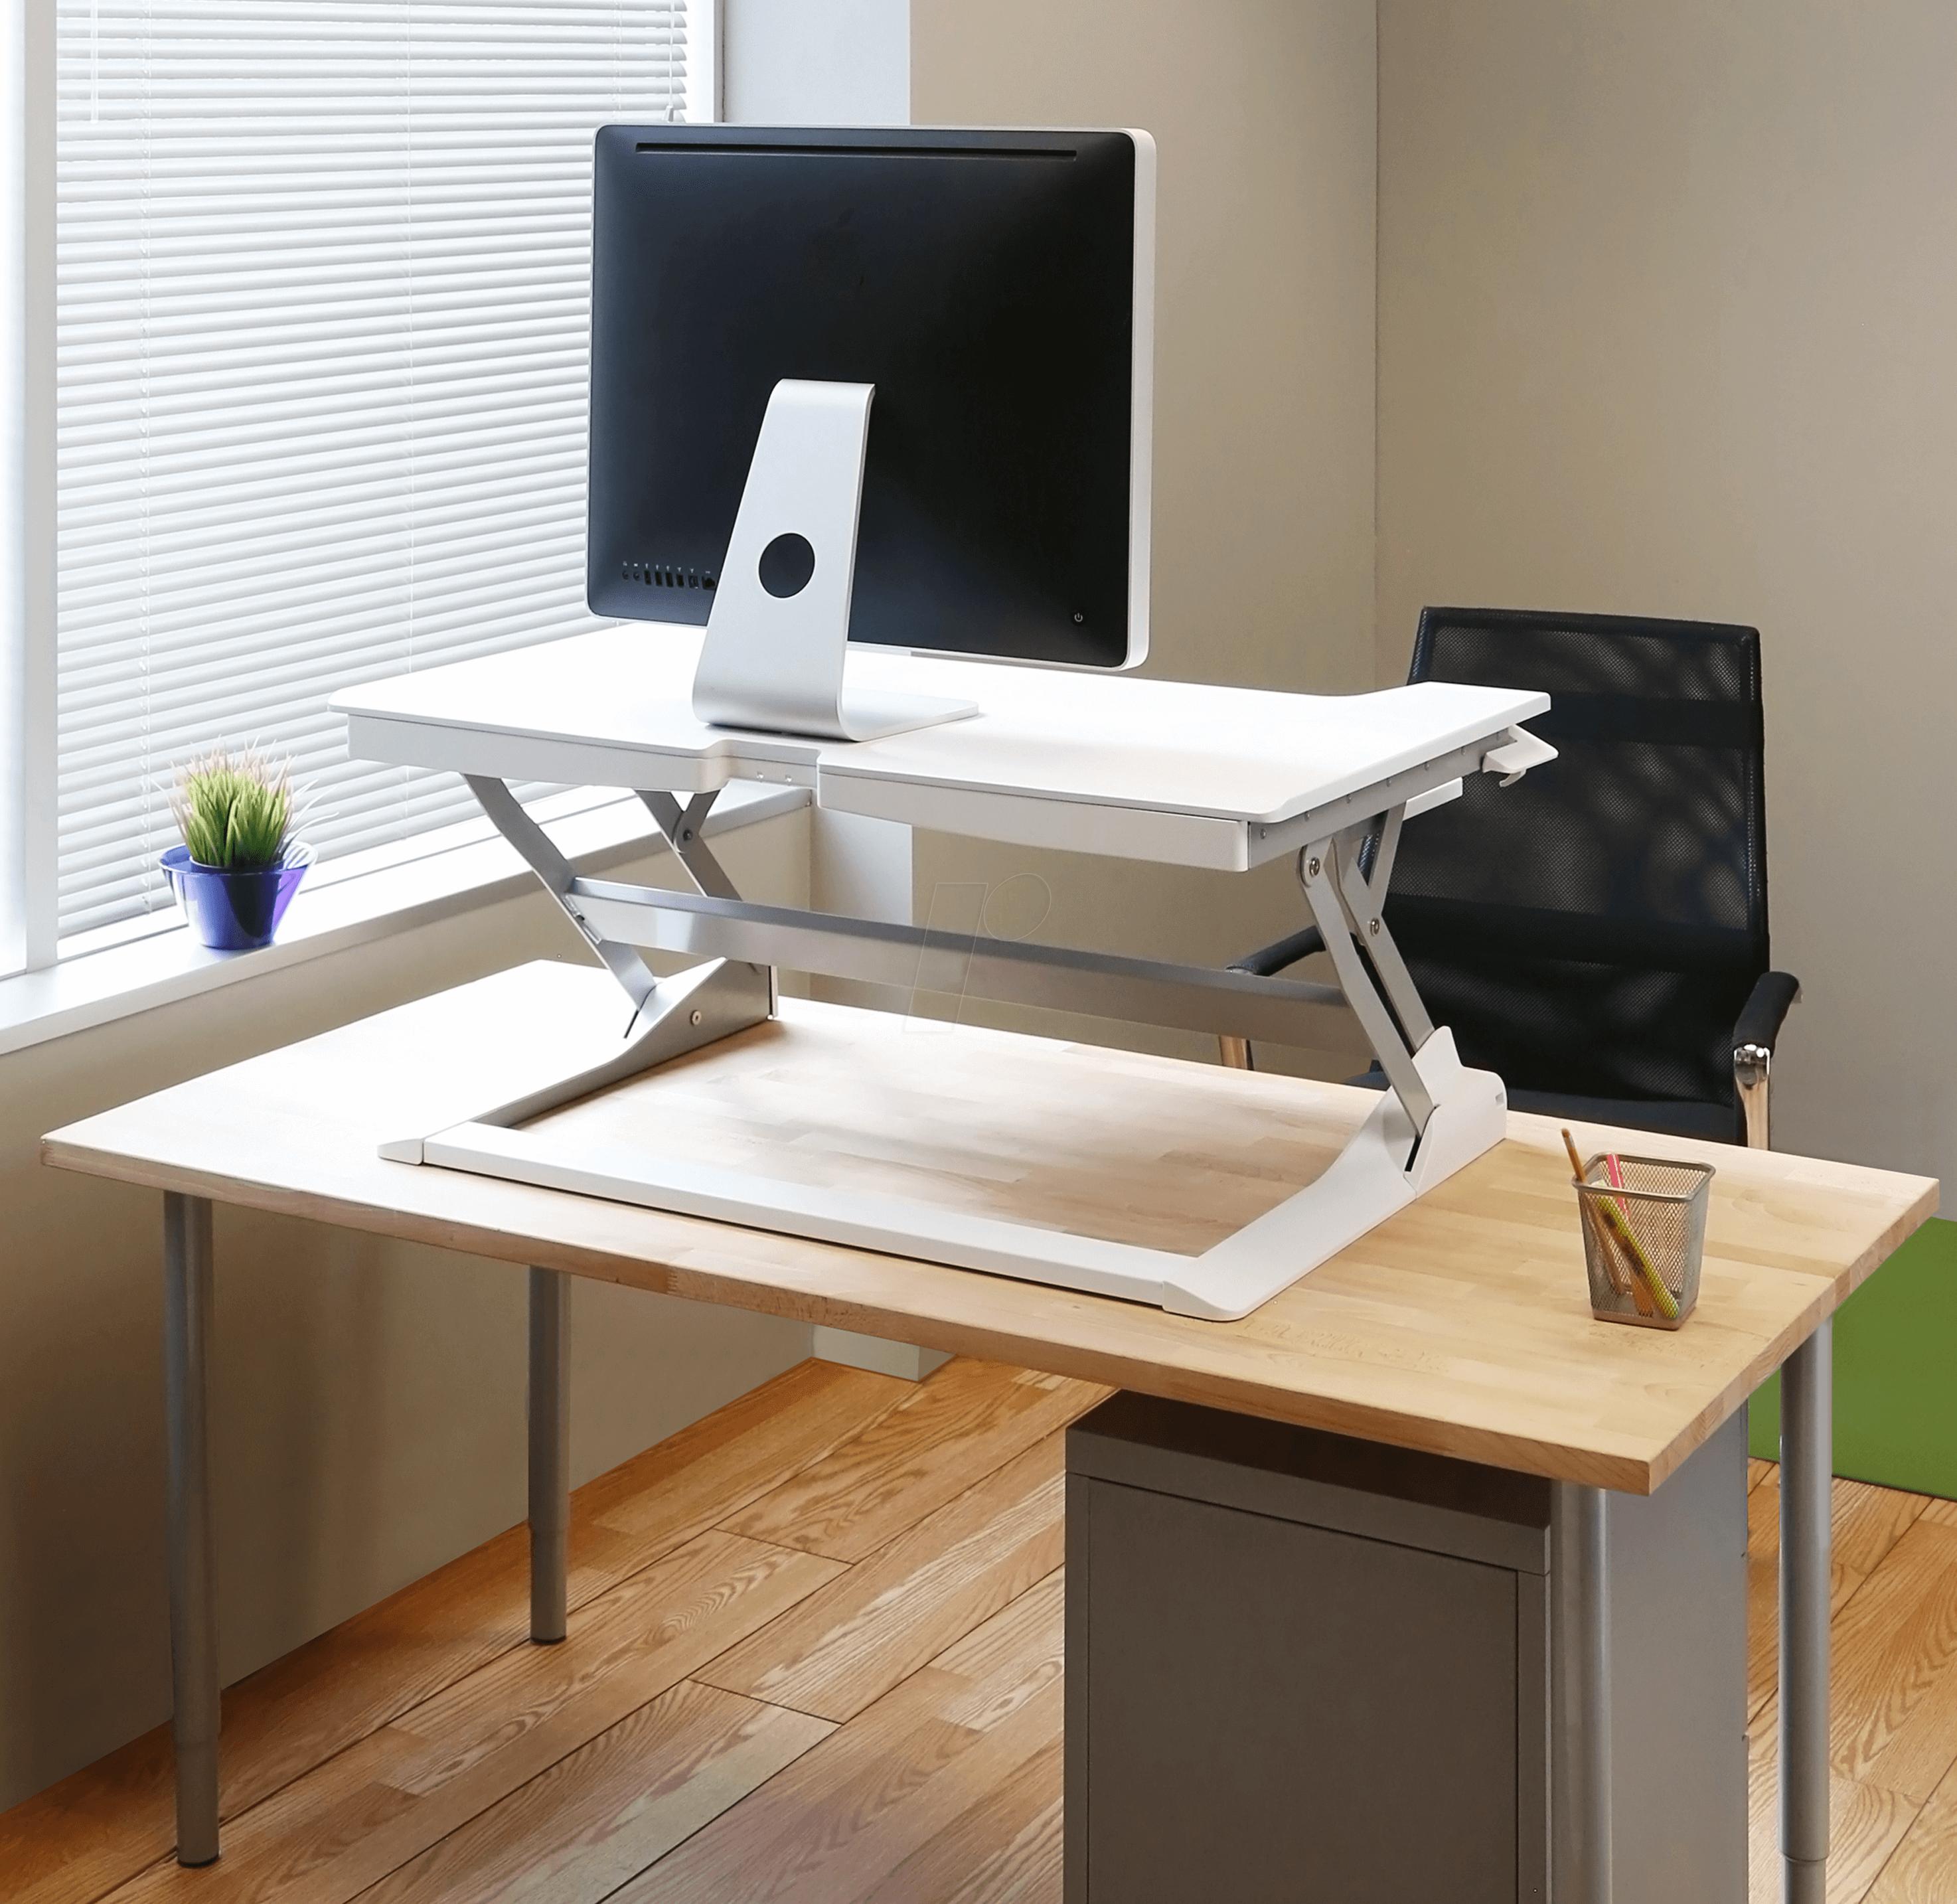 et 33 406 062 workfit tl sitz steh schreibtisch arbeitsplatz bei reichelt elektronik. Black Bedroom Furniture Sets. Home Design Ideas